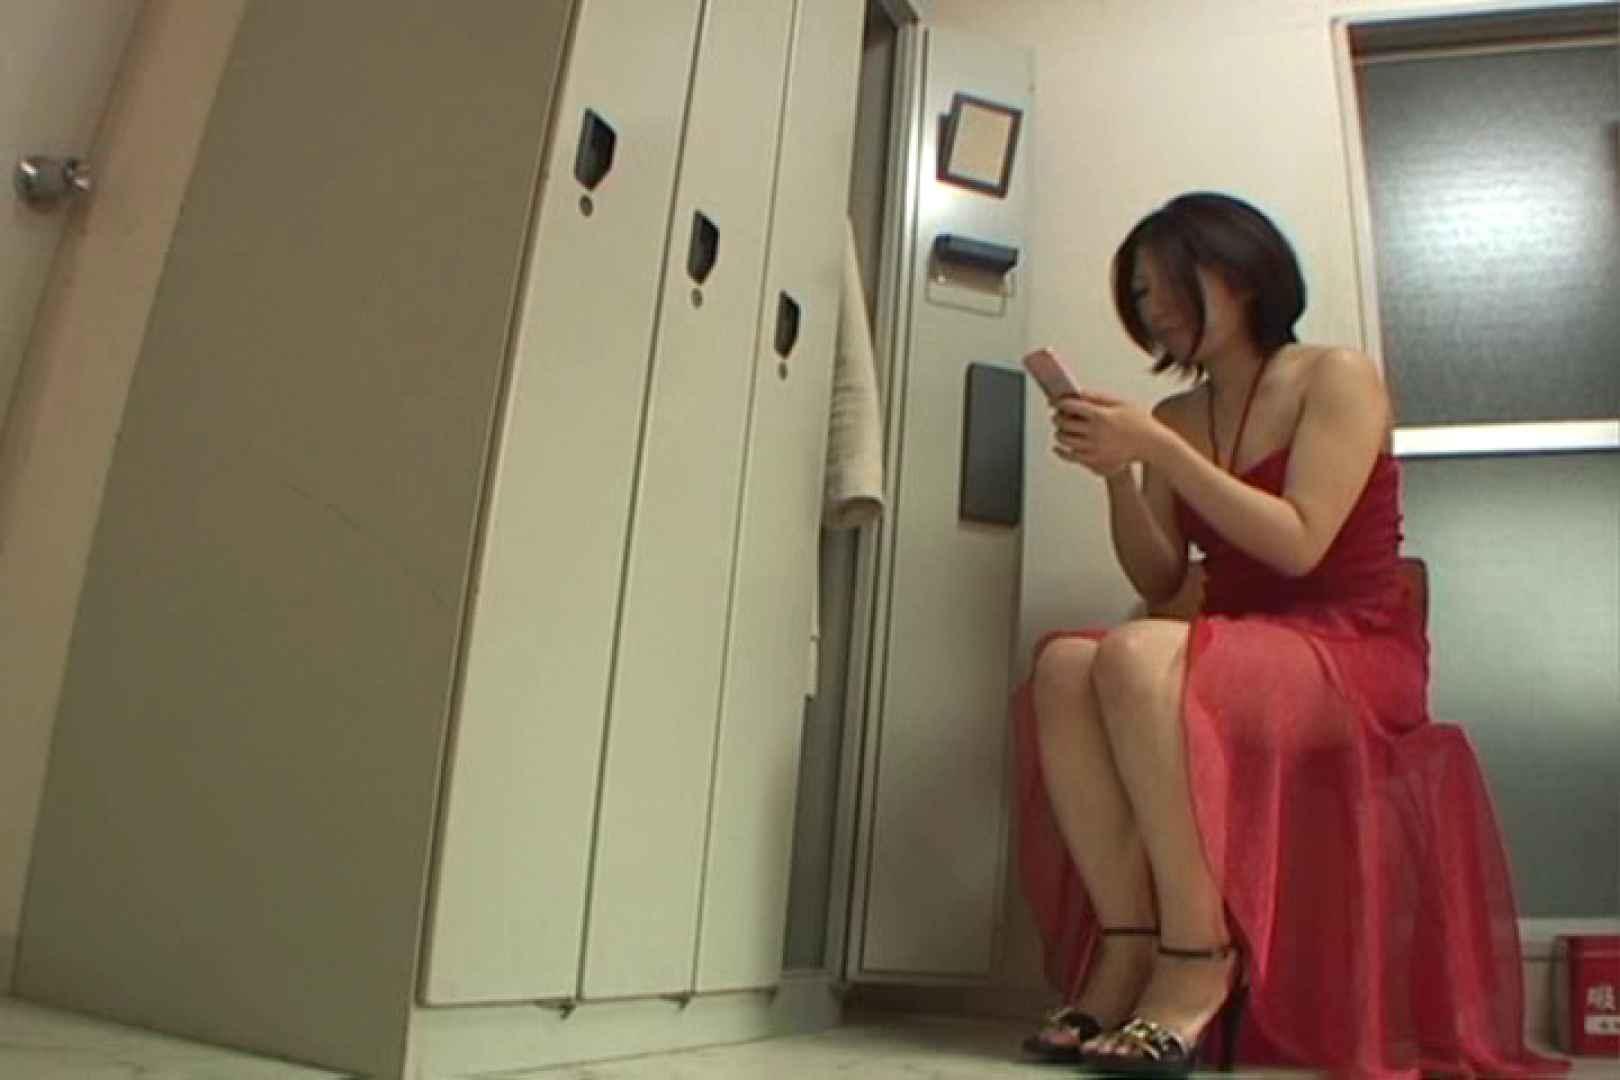 キャバ嬢舞台裏Vol.5 盗撮特集 すけべAV動画紹介 86画像 22